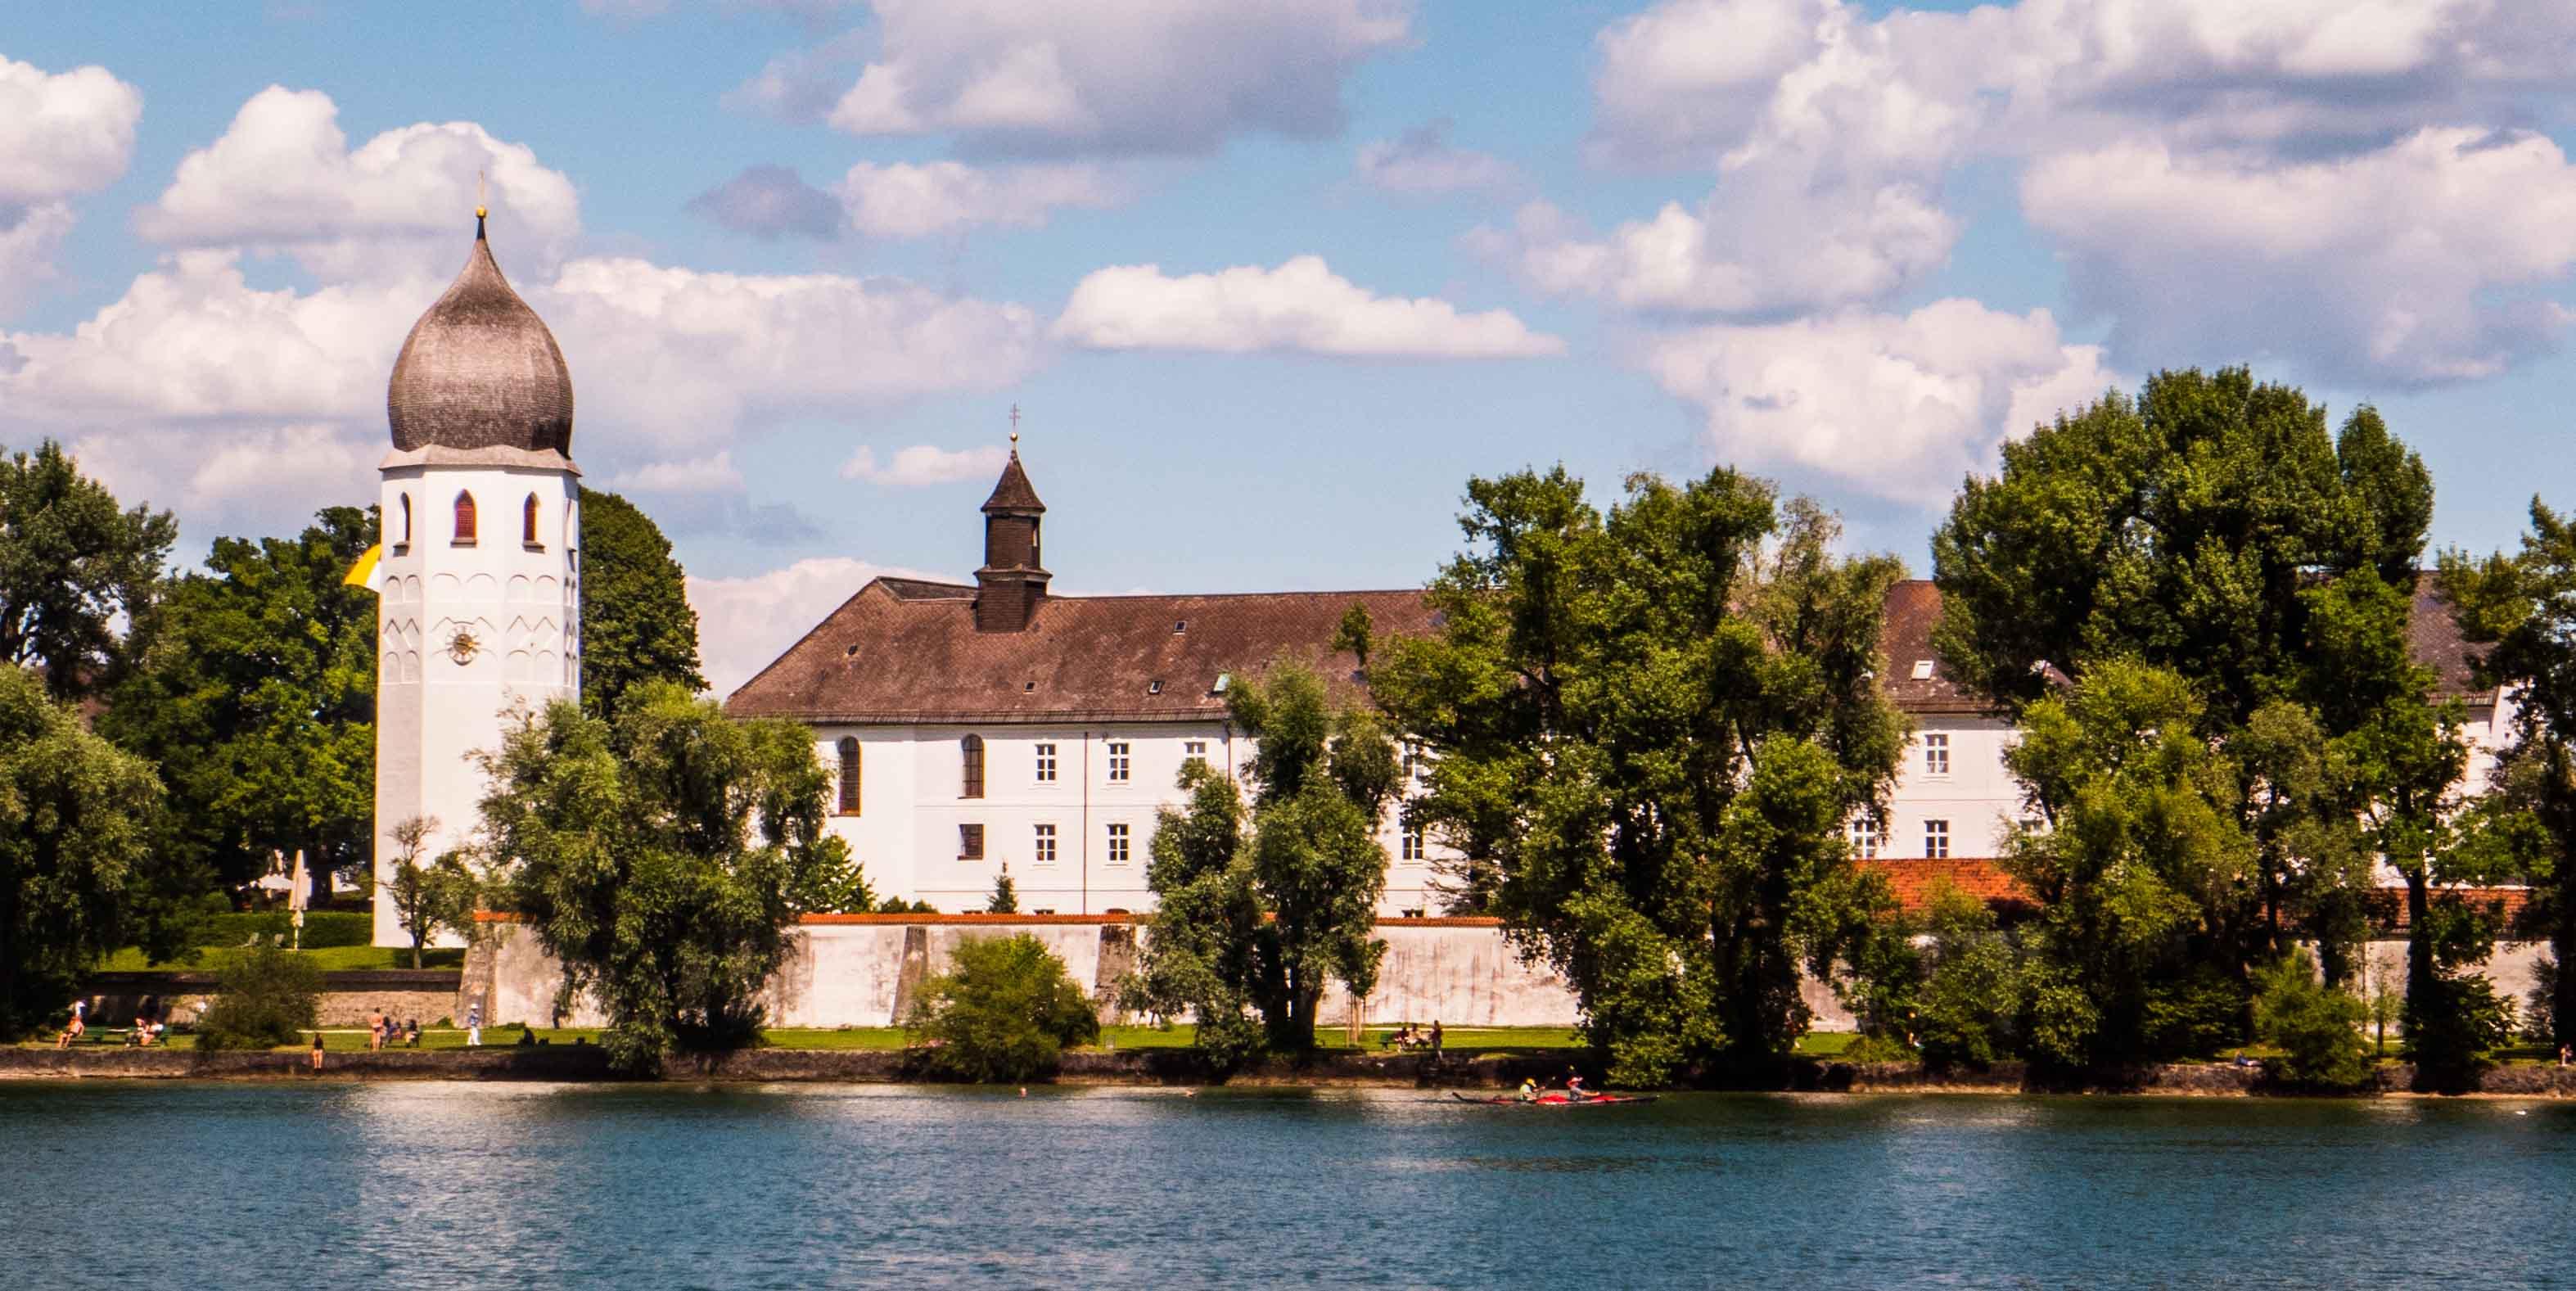 Das Kloster Frauenchiemsee im Chiemsee